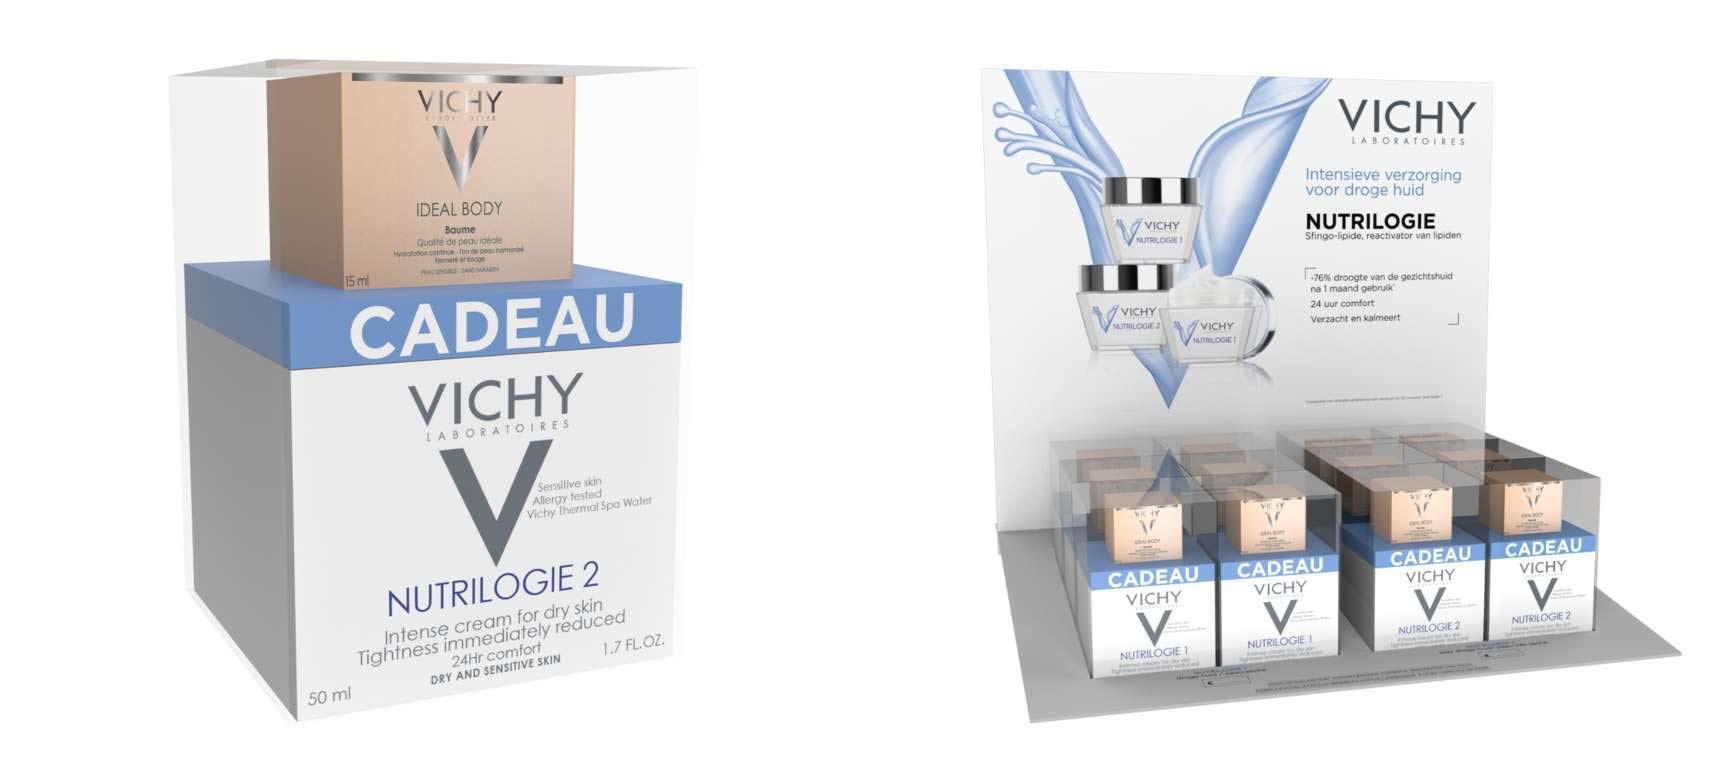 Vichy Nutrilogie Aanbieding